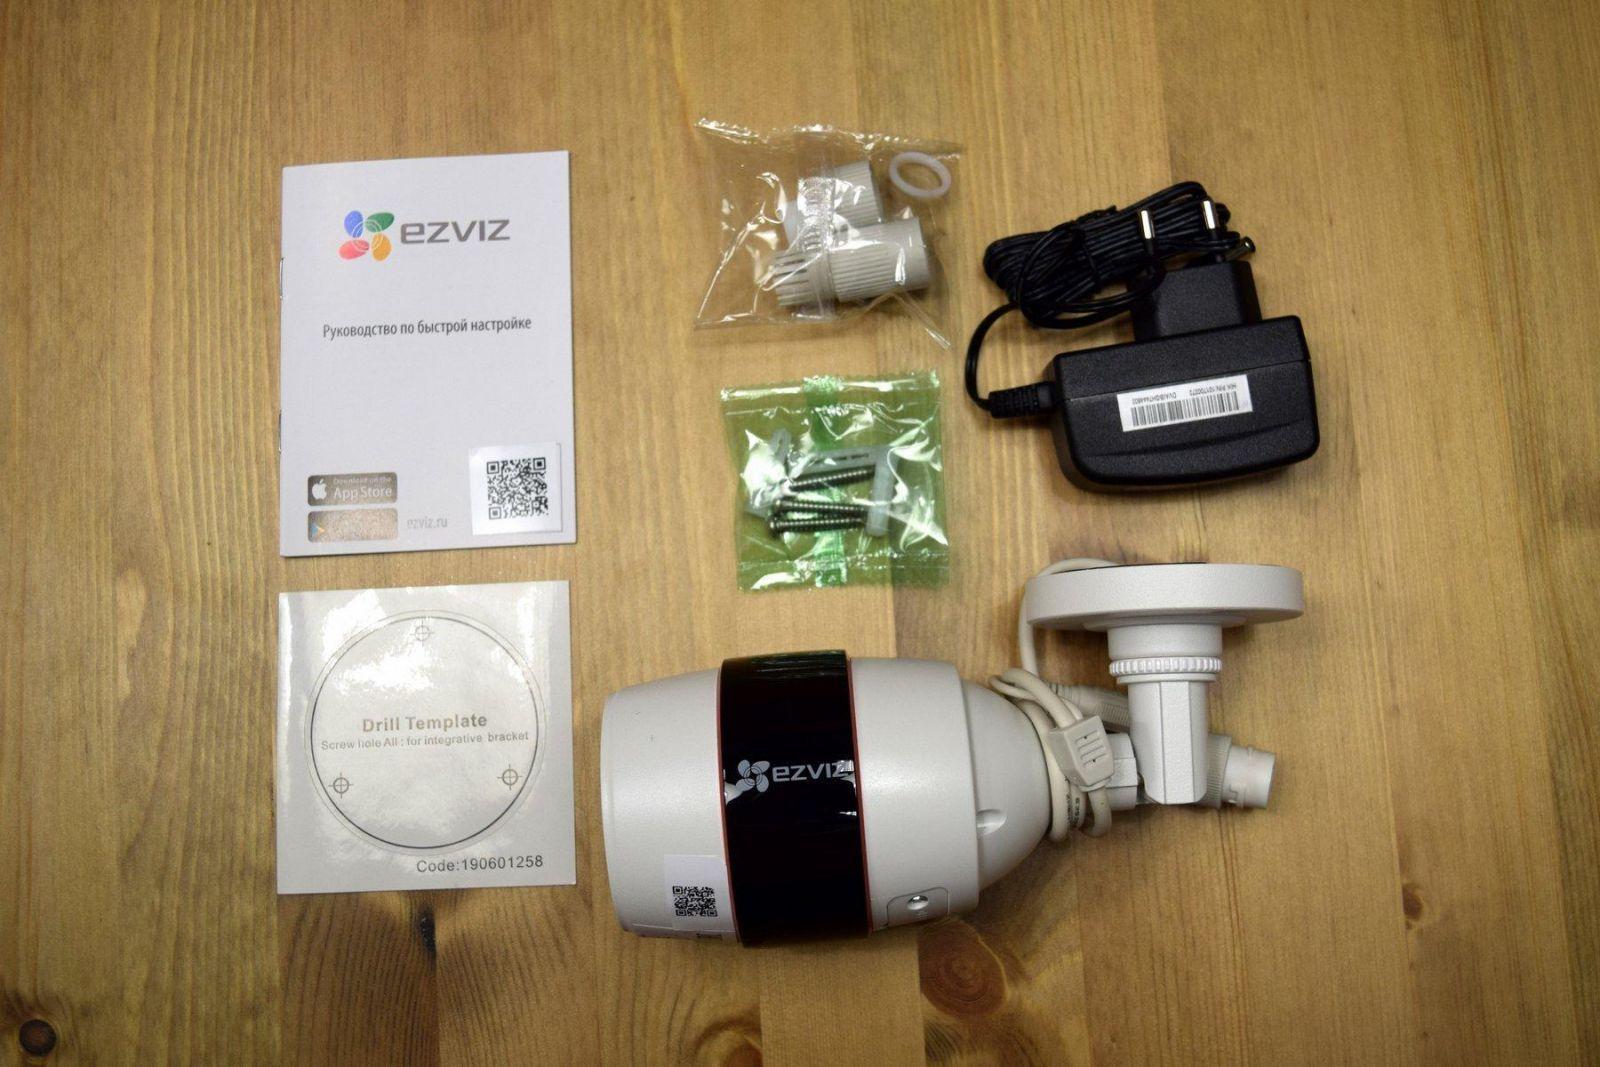 Image00003 - Обзор Ezviz C3S. Камера, которая могла бы жить сама по себе